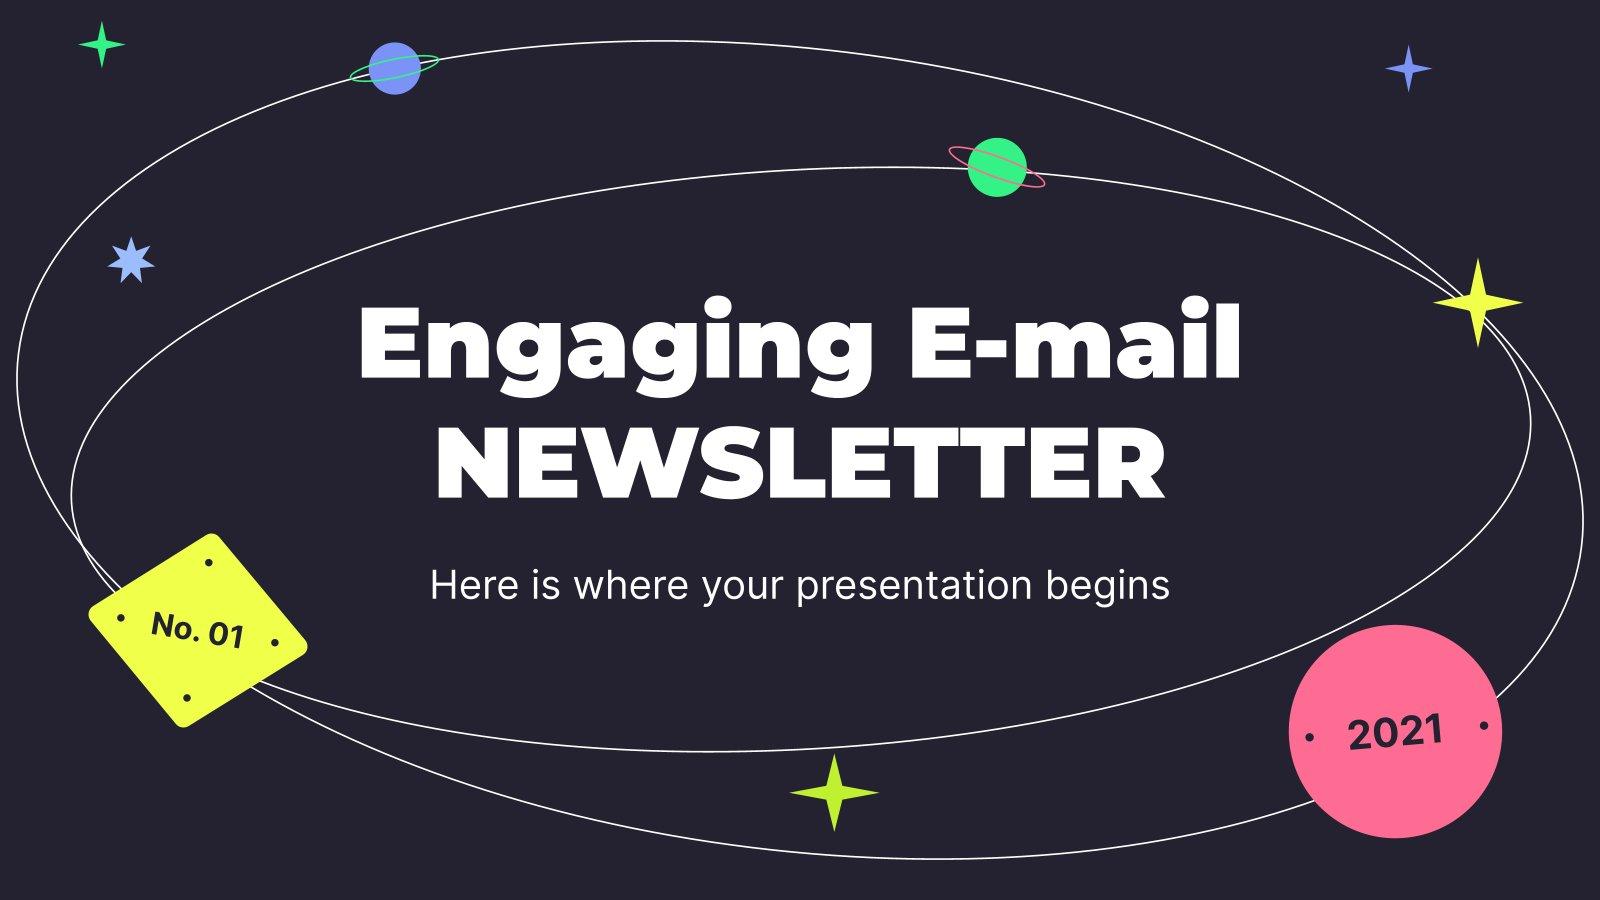 Modelo de apresentação Newsletter por e-mail envolvente